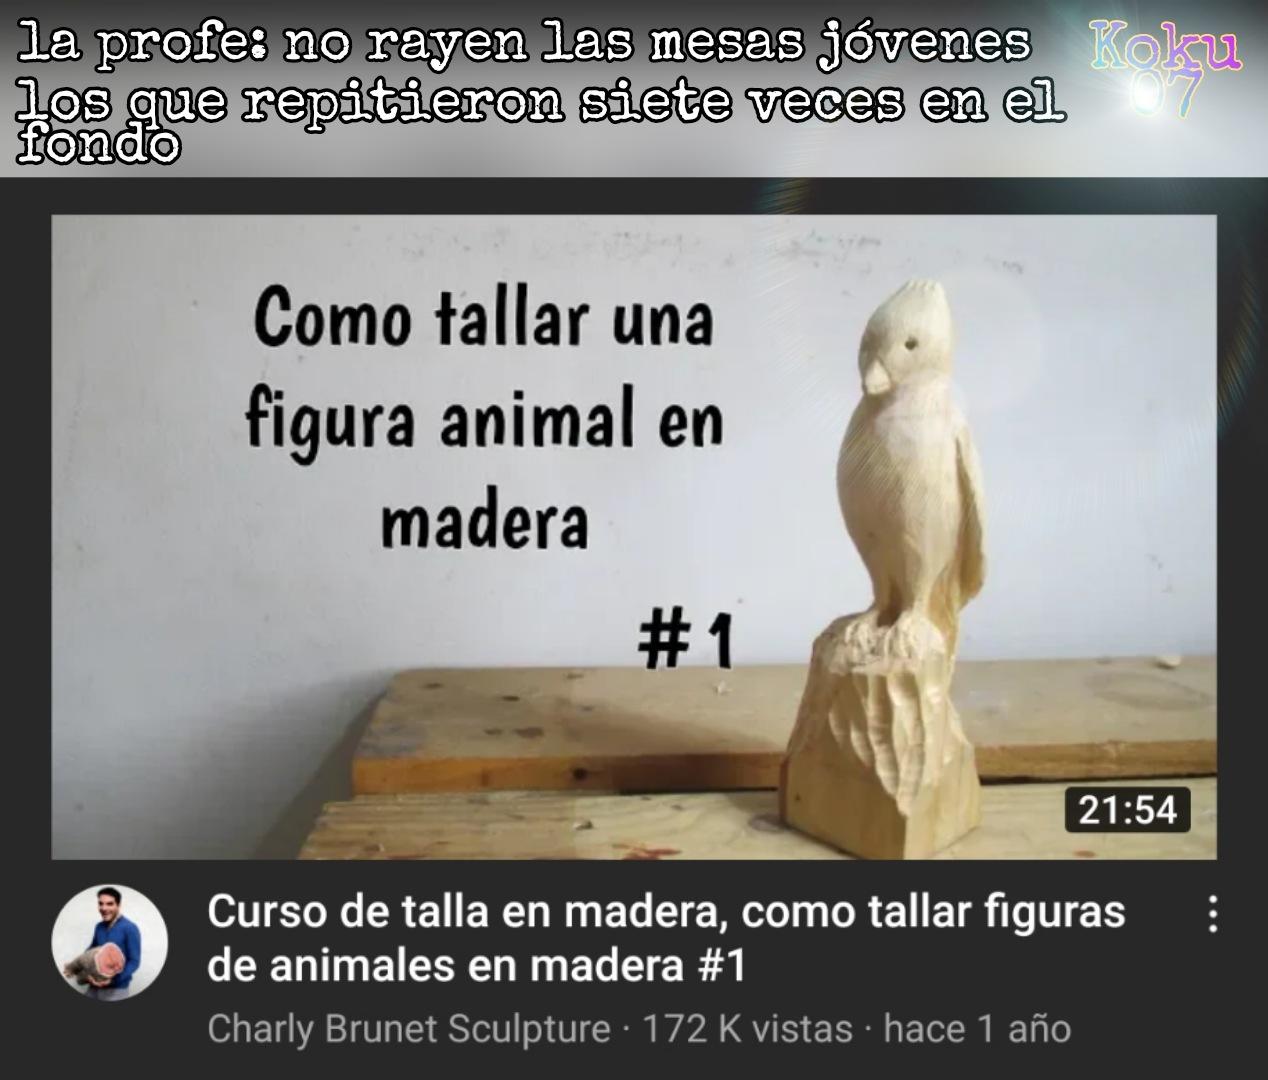 Chupala estado de Delta Amacuro - meme